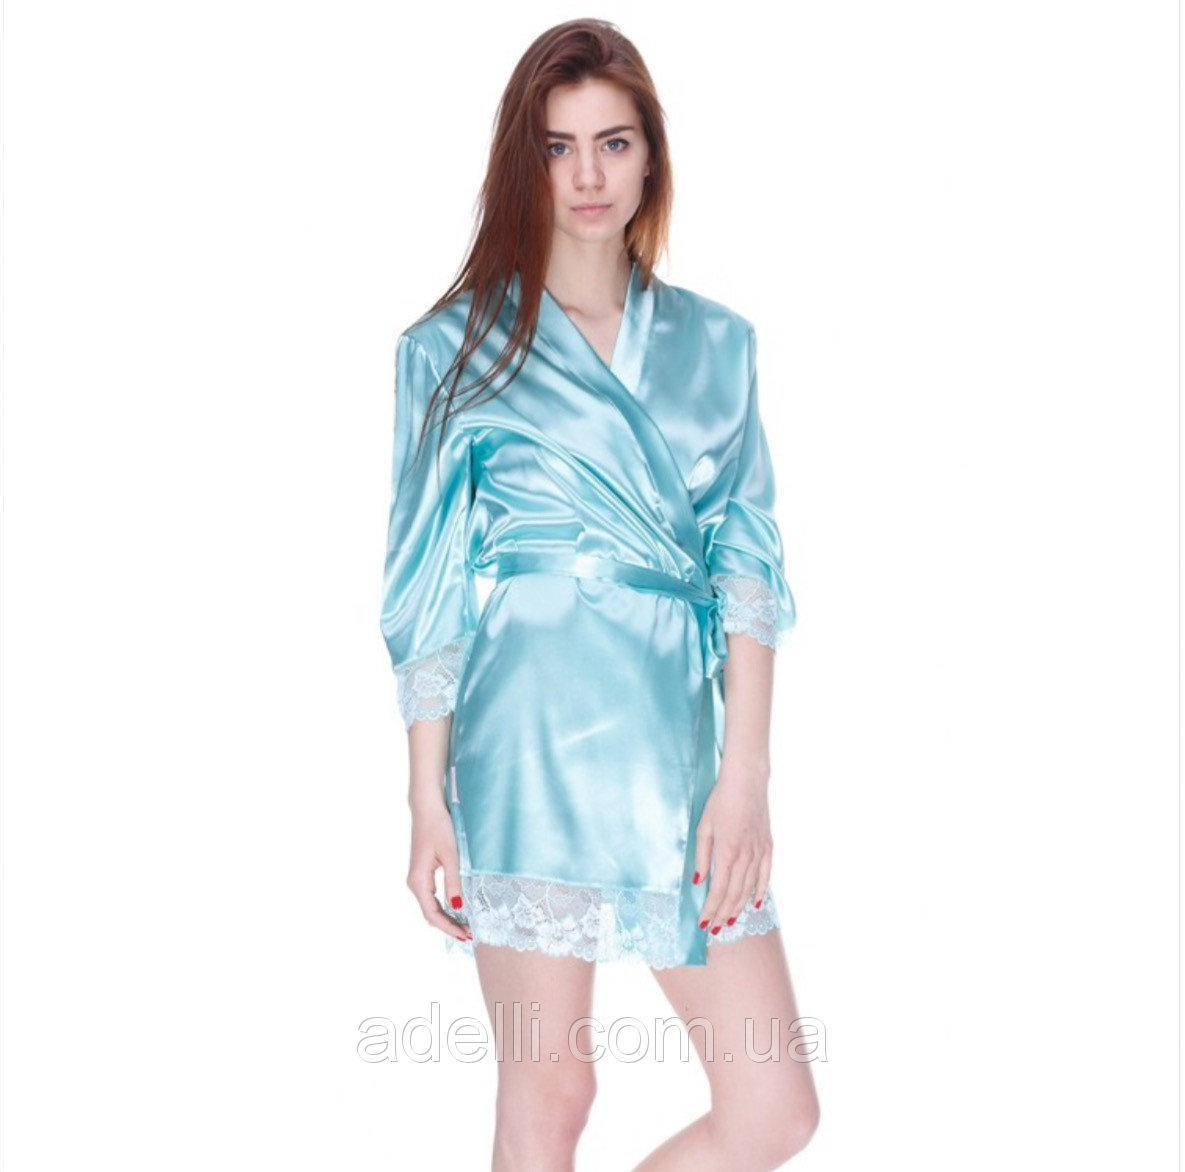 Атласный халат с кружевными вставками Serenade 2061